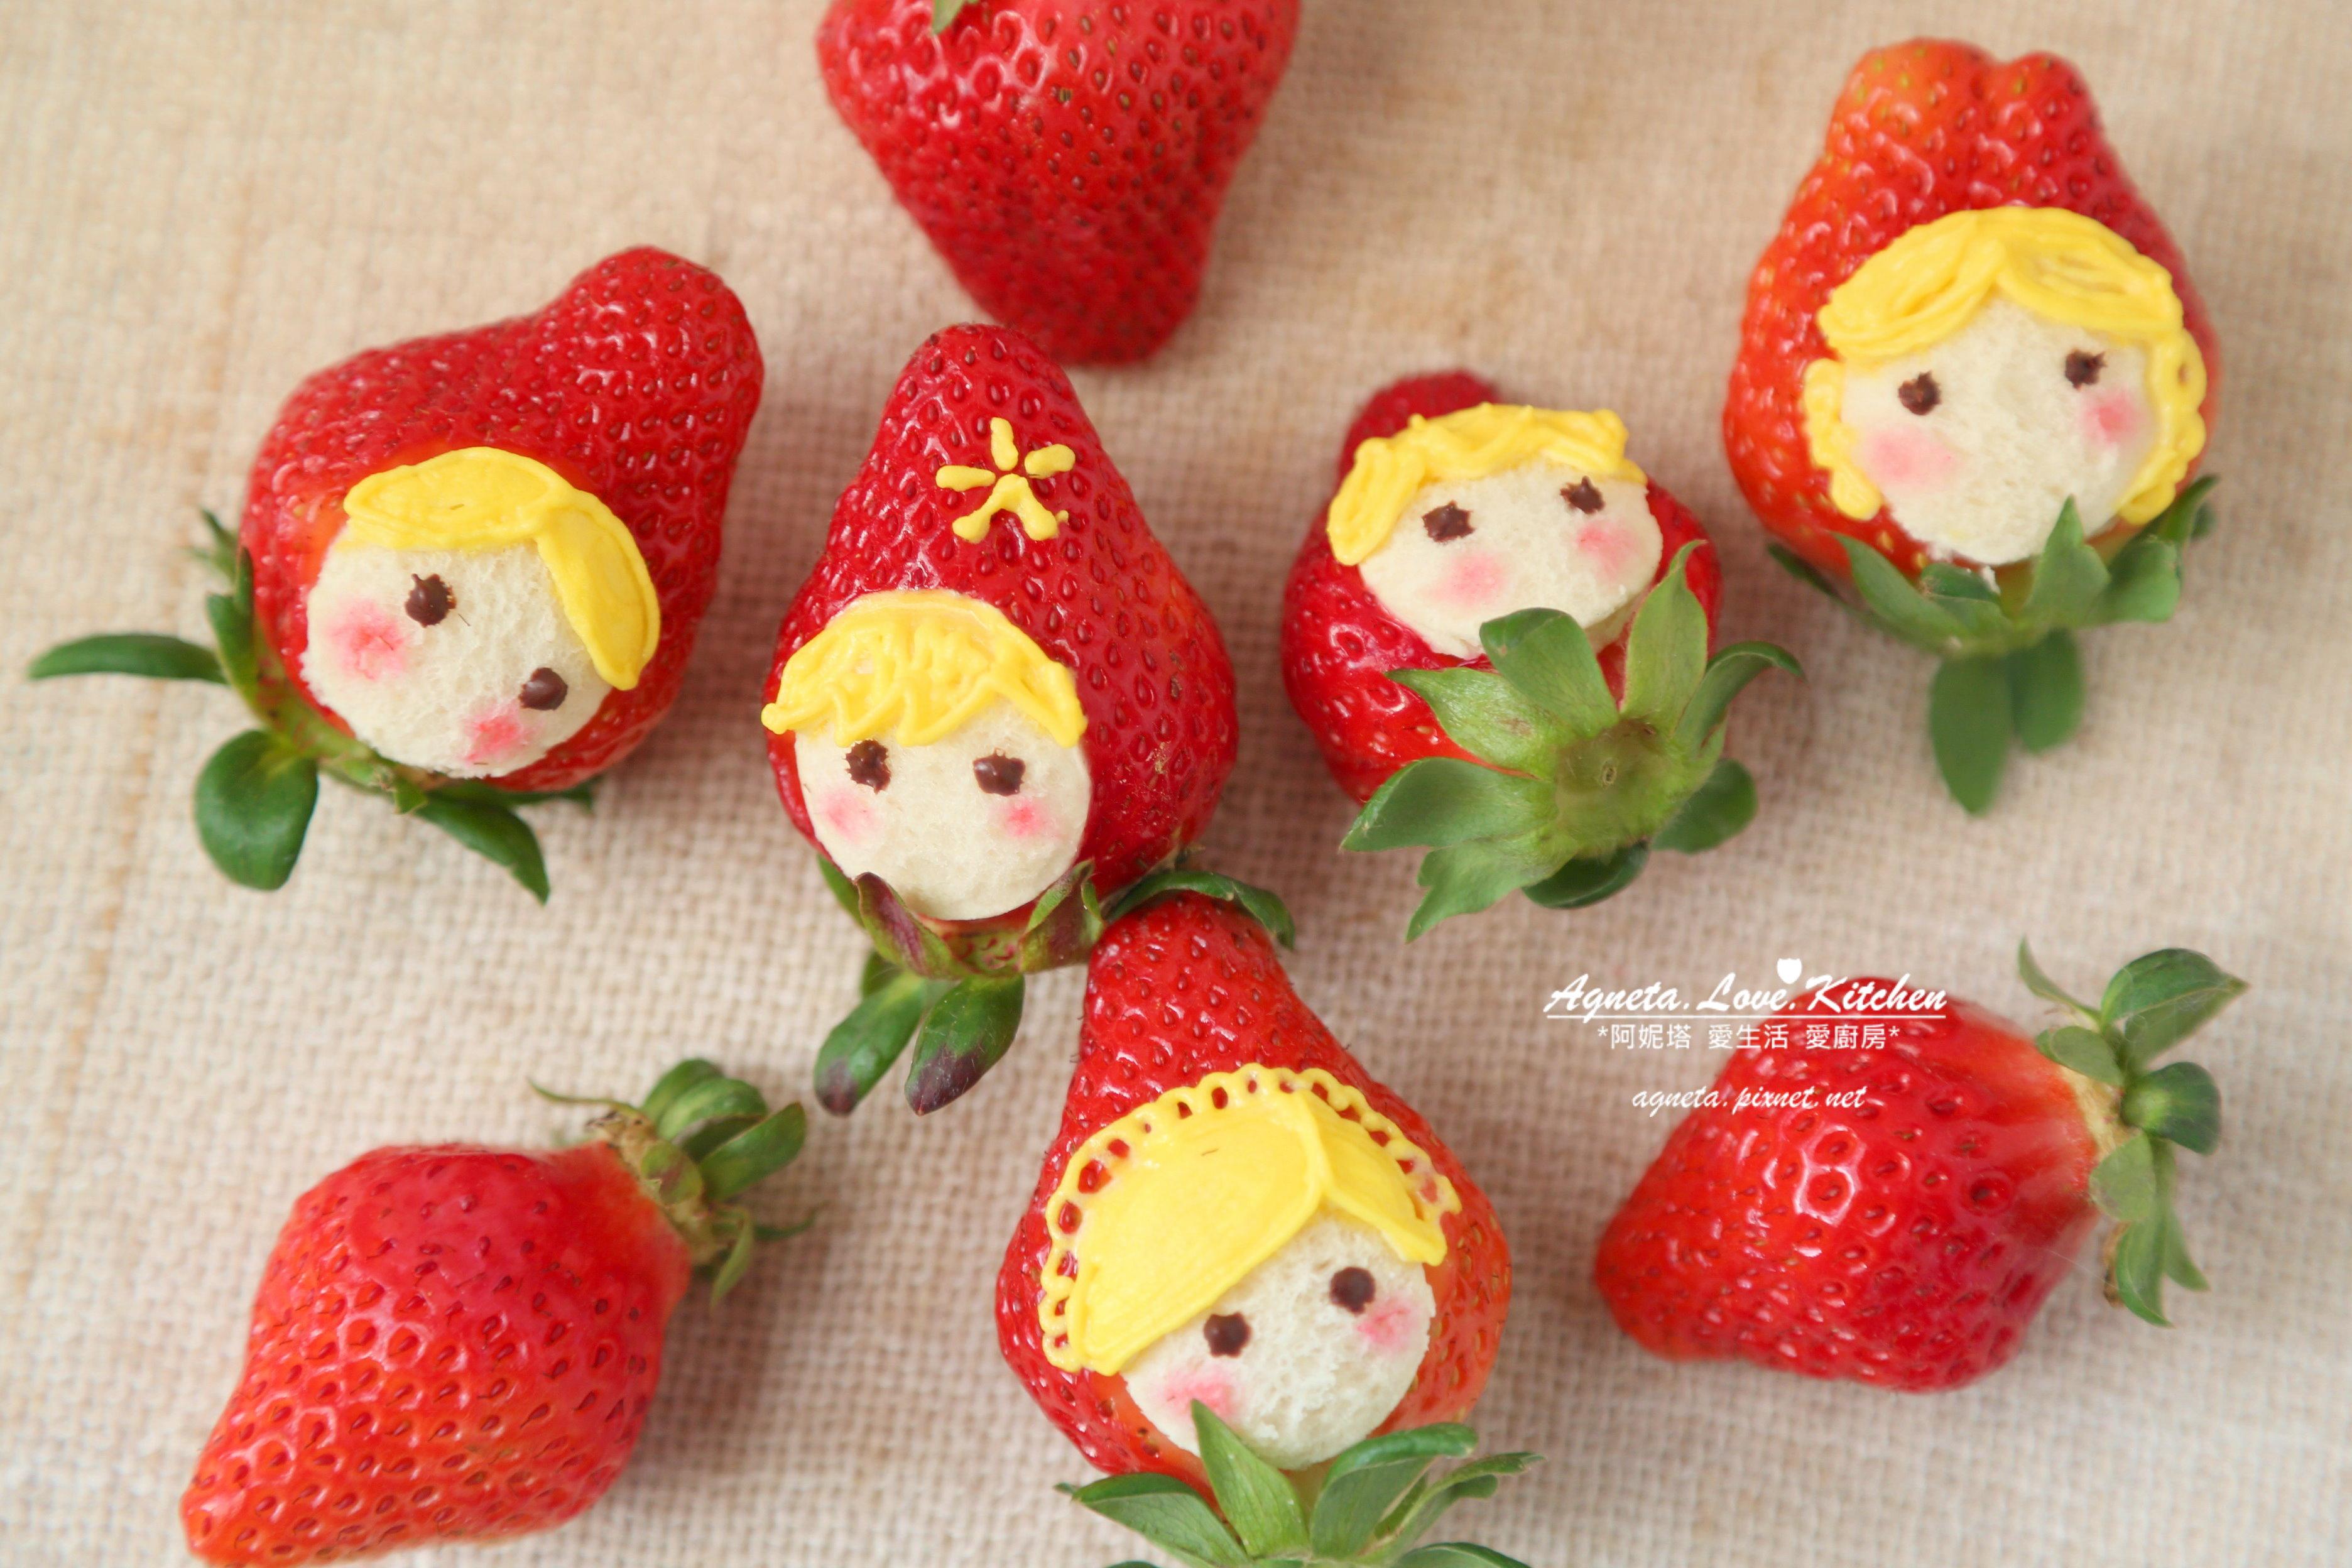 [阿妮塔♥sweet] 草莓小紅帽。